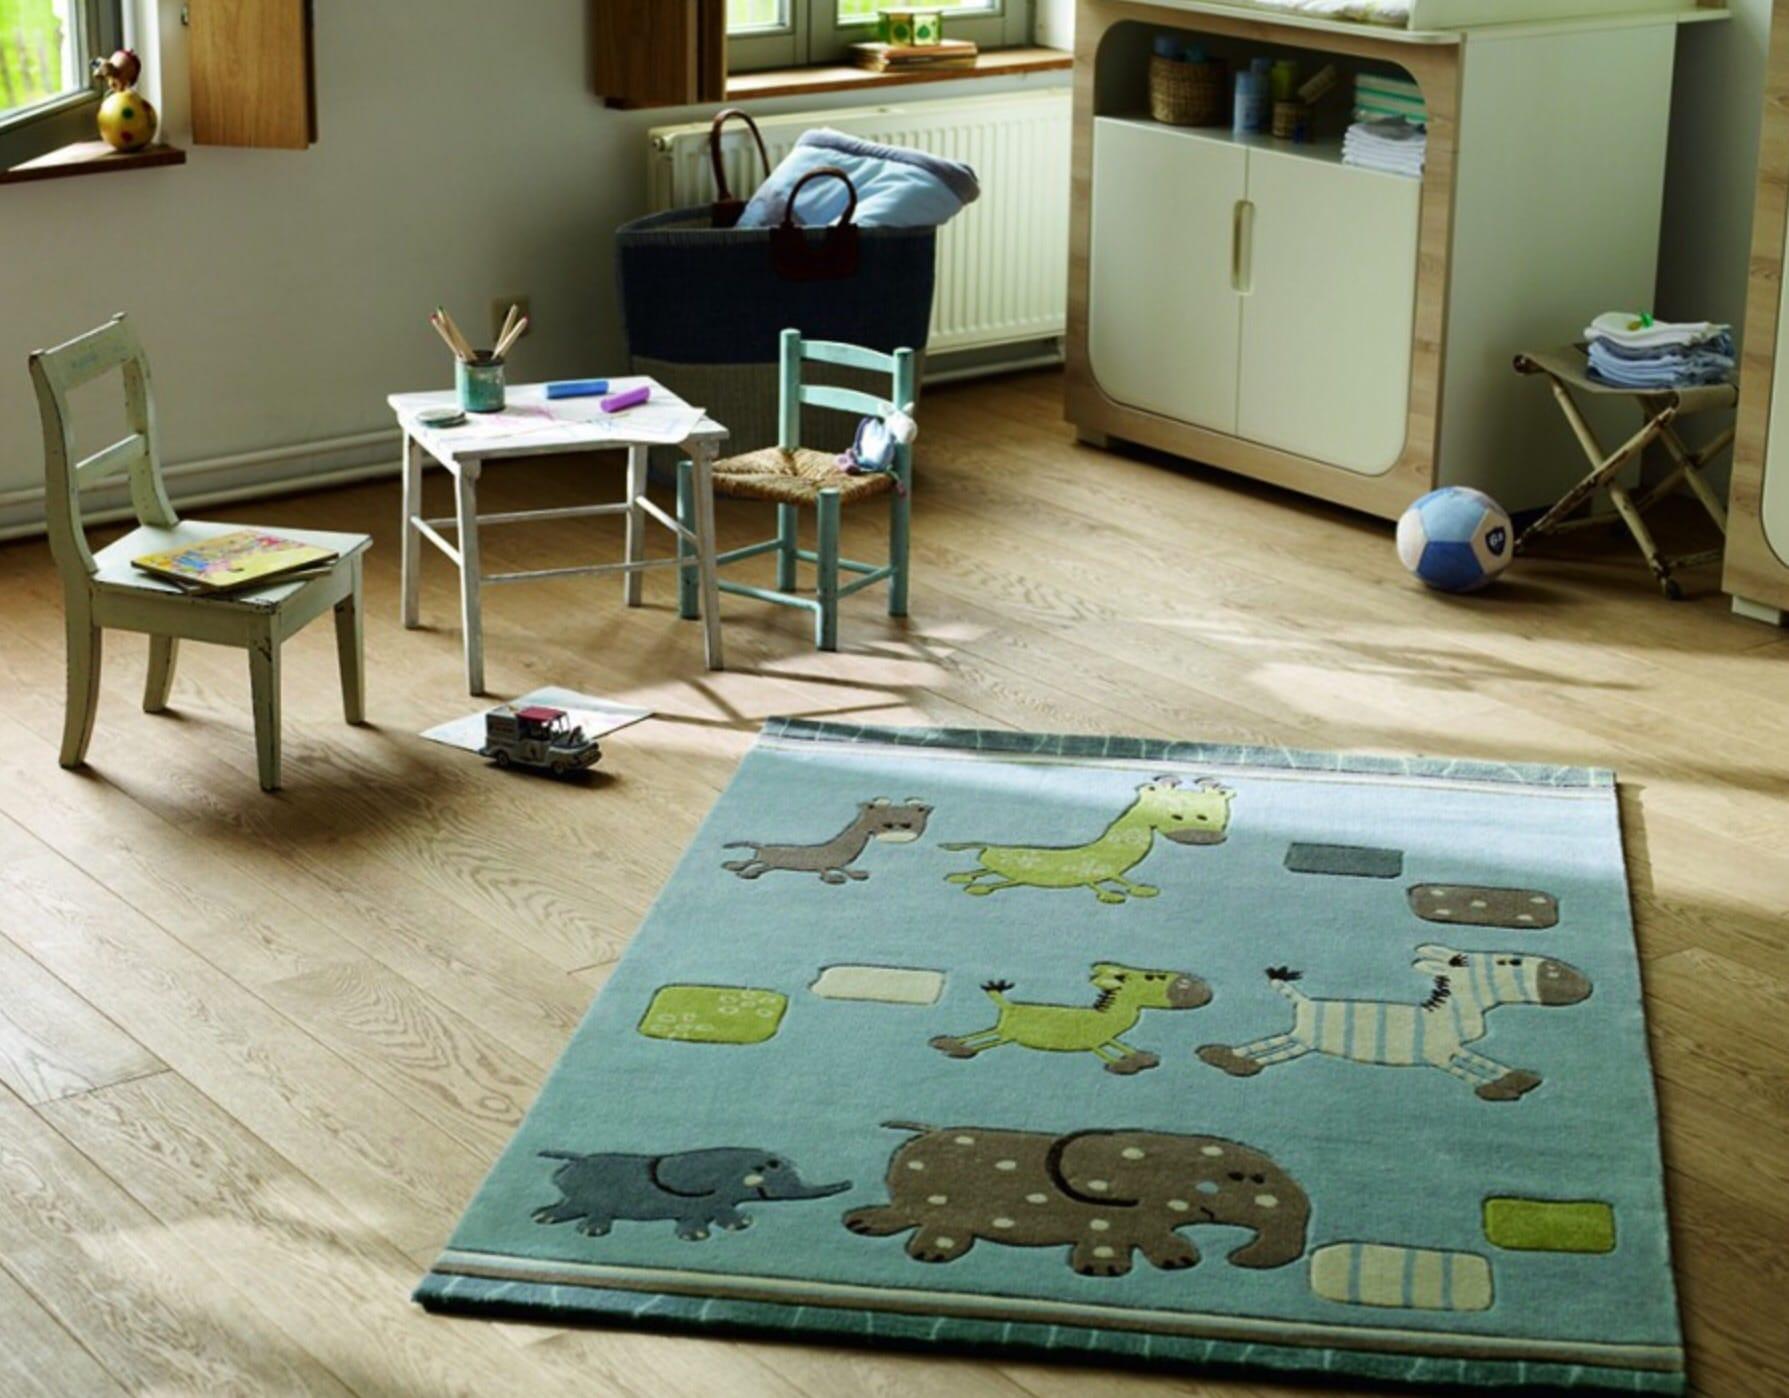 der teppich f r das perfekte kinderzimmer einer schreit immer. Black Bedroom Furniture Sets. Home Design Ideas